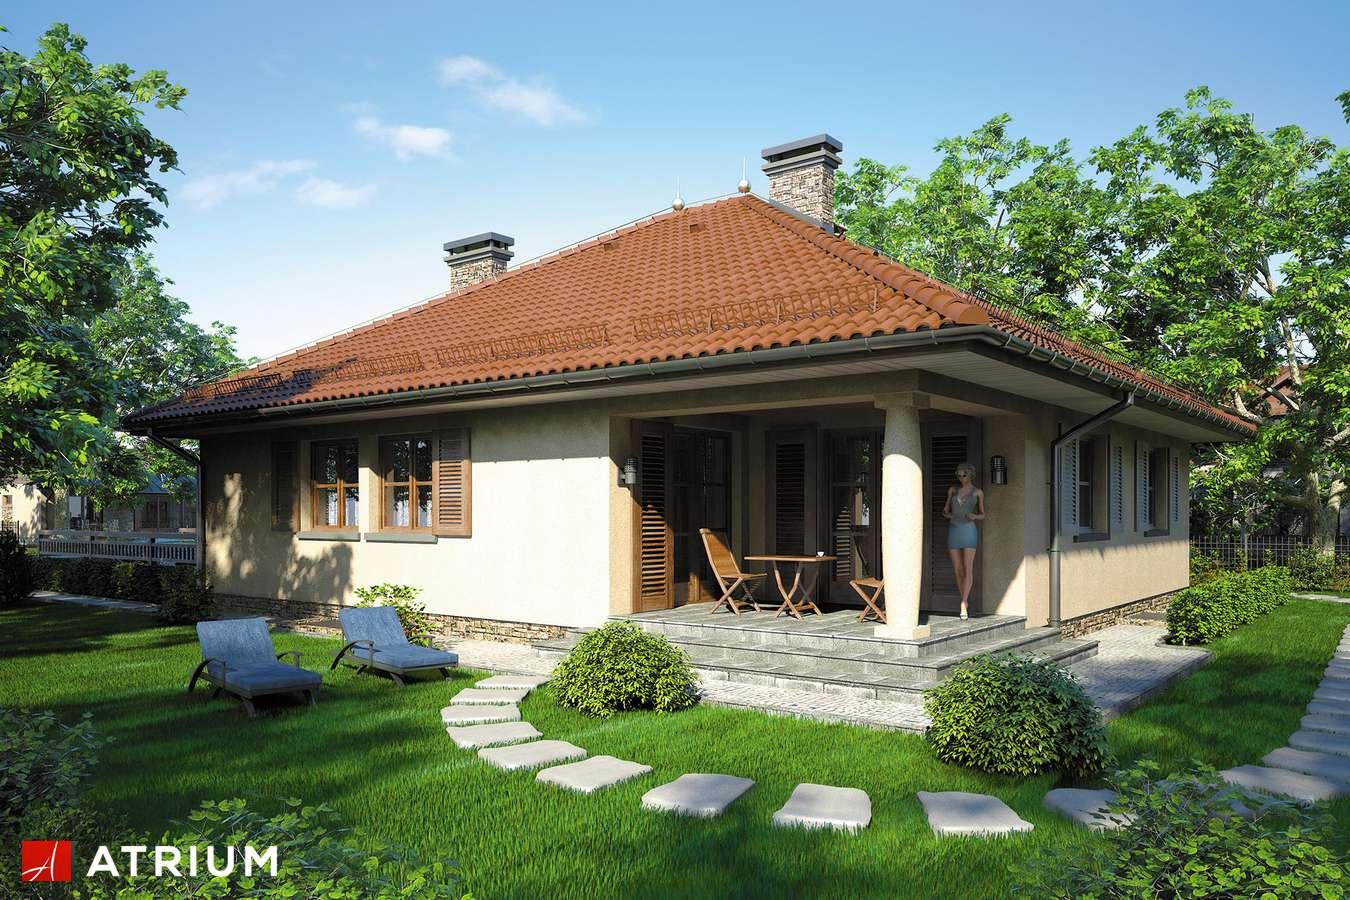 Projekty domów - Projekt domu parterowego KALIFORNIA II - wizualizacja 2 - wersja lustrzana